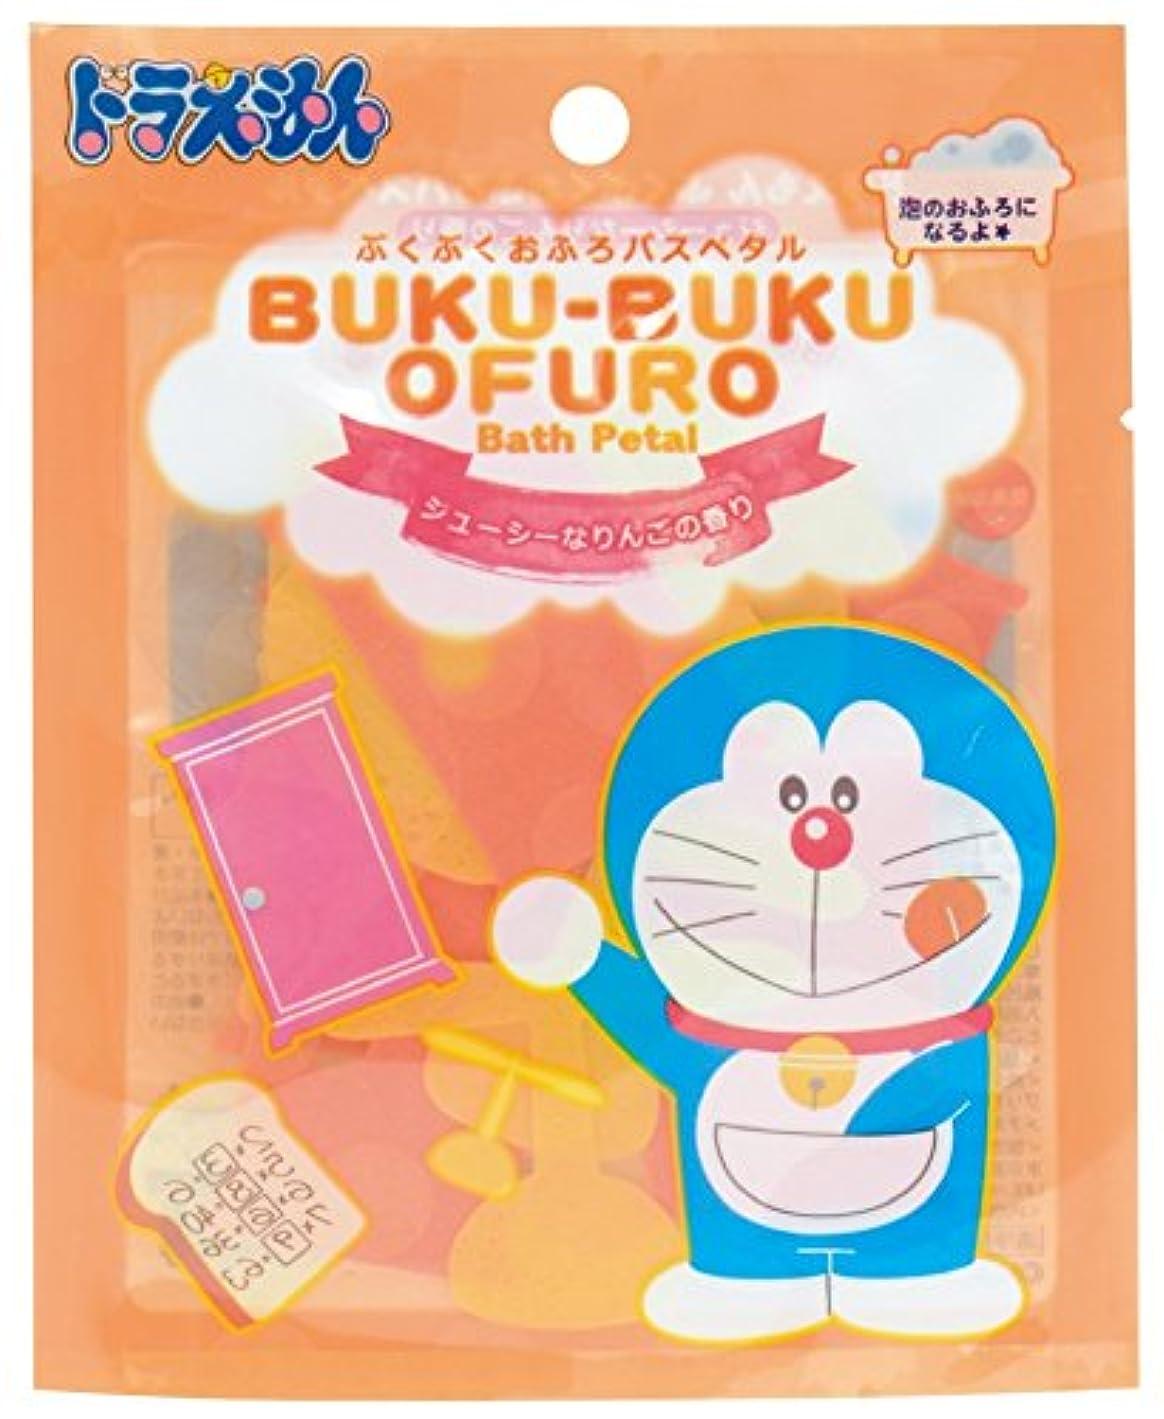 コイルレンジ困ったドラえもん 入浴剤 ぶくぶくおふろ バスペタル りんご の香り ひみつ道具 OB-DOR-1-2